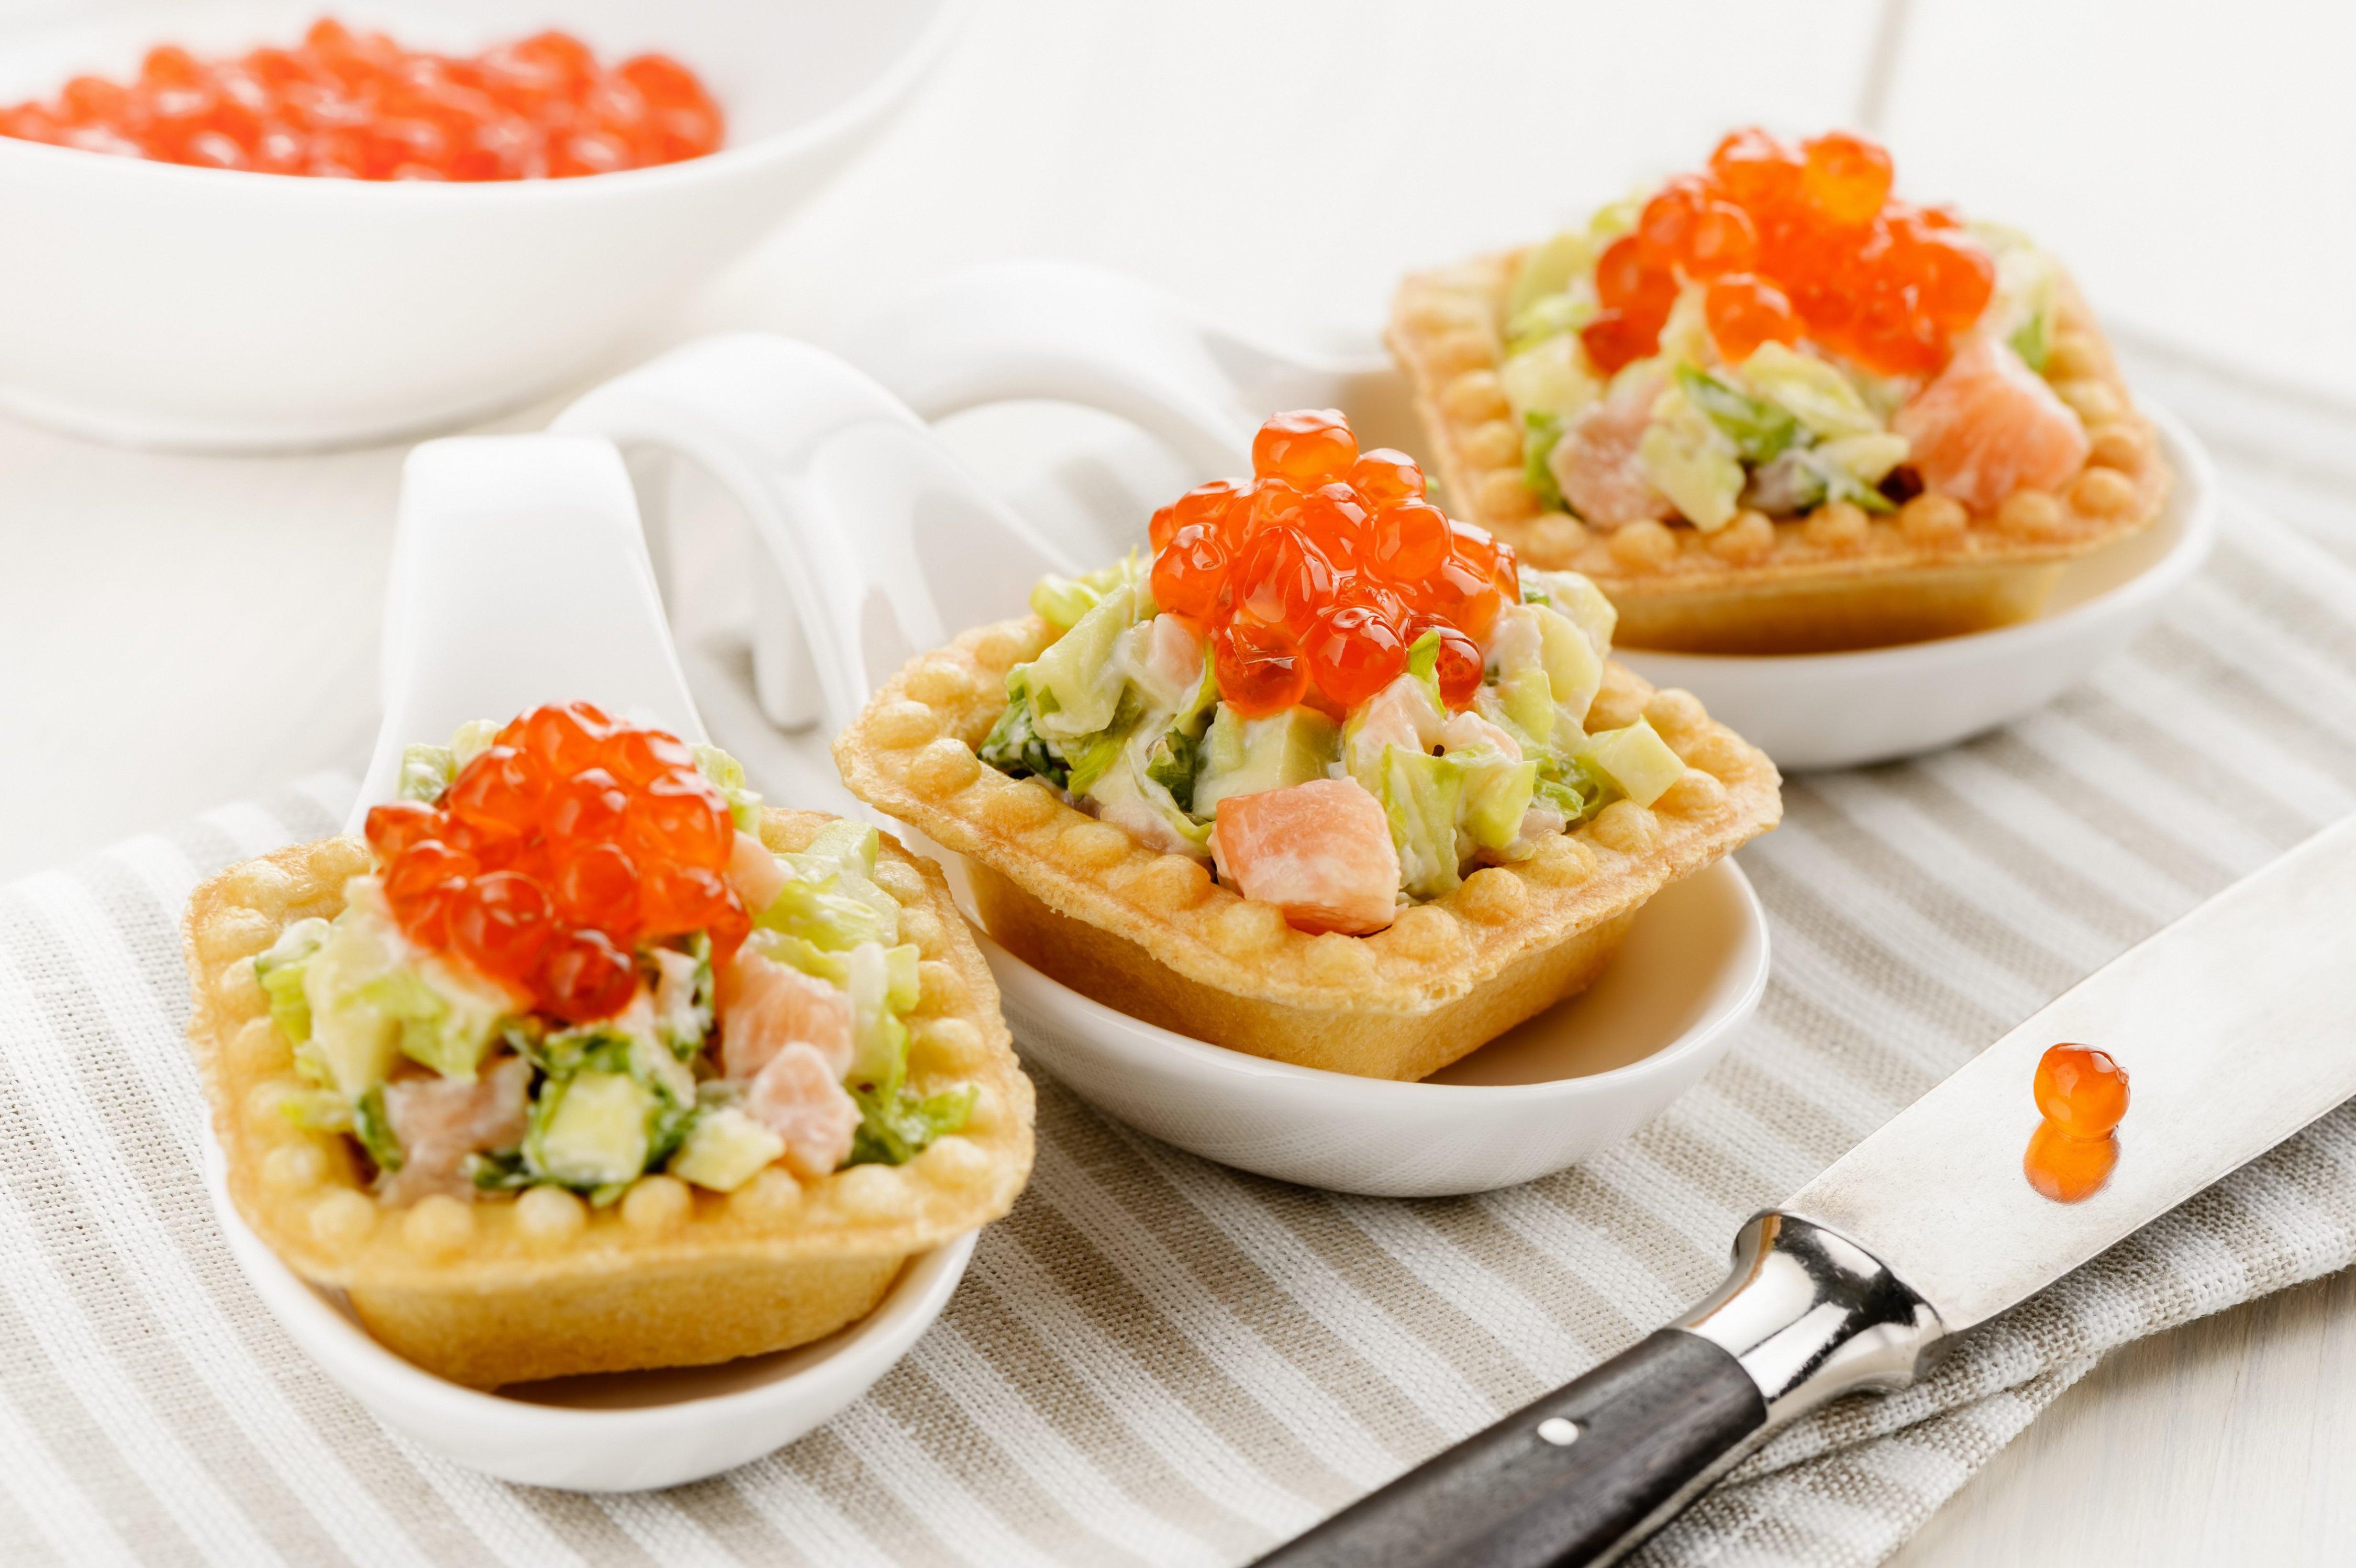 закуска из тарталетки и плавленного сыра рецепты